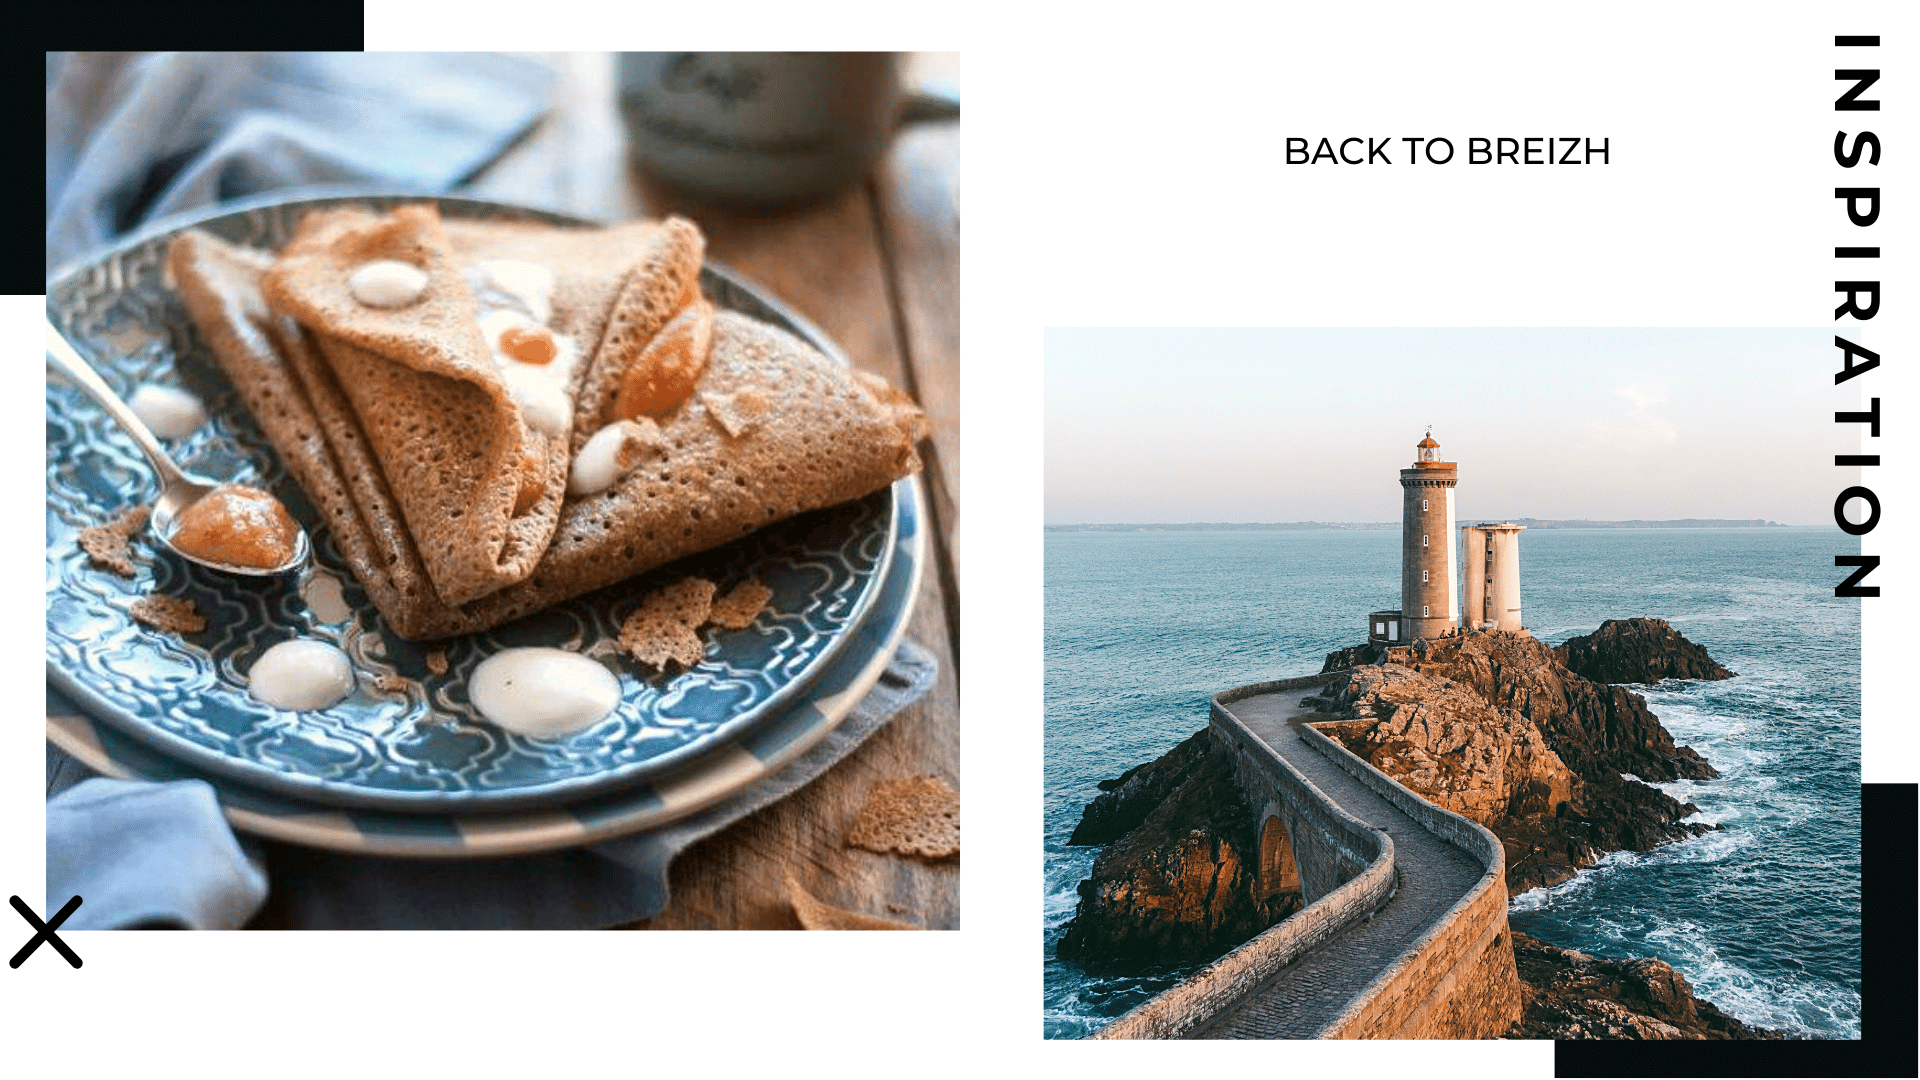 Breizh Traveller marque éthique Bretonne. Vêtements coton 100% biologique